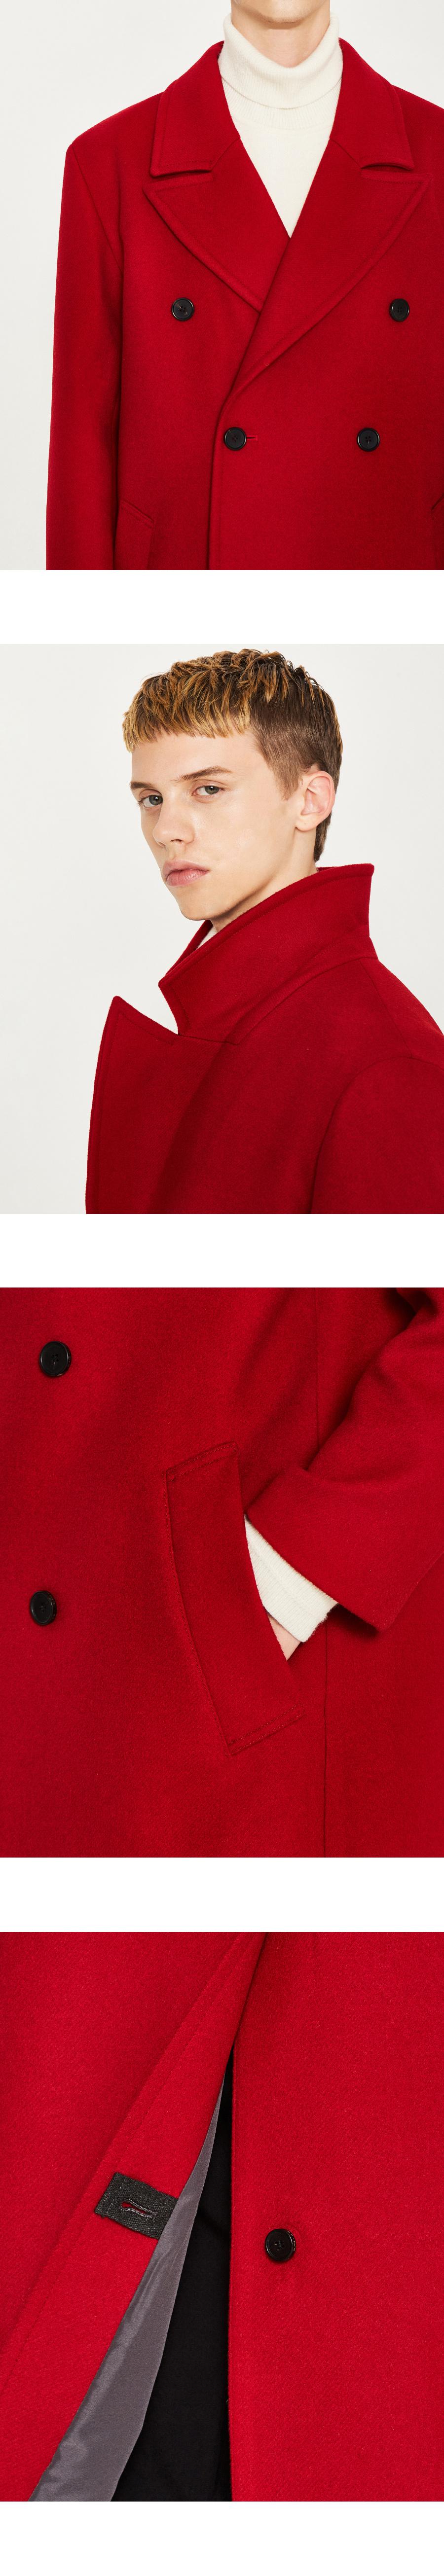 로파이(LOFI) 캐시미어 더블 브레스트 코트 (레드)